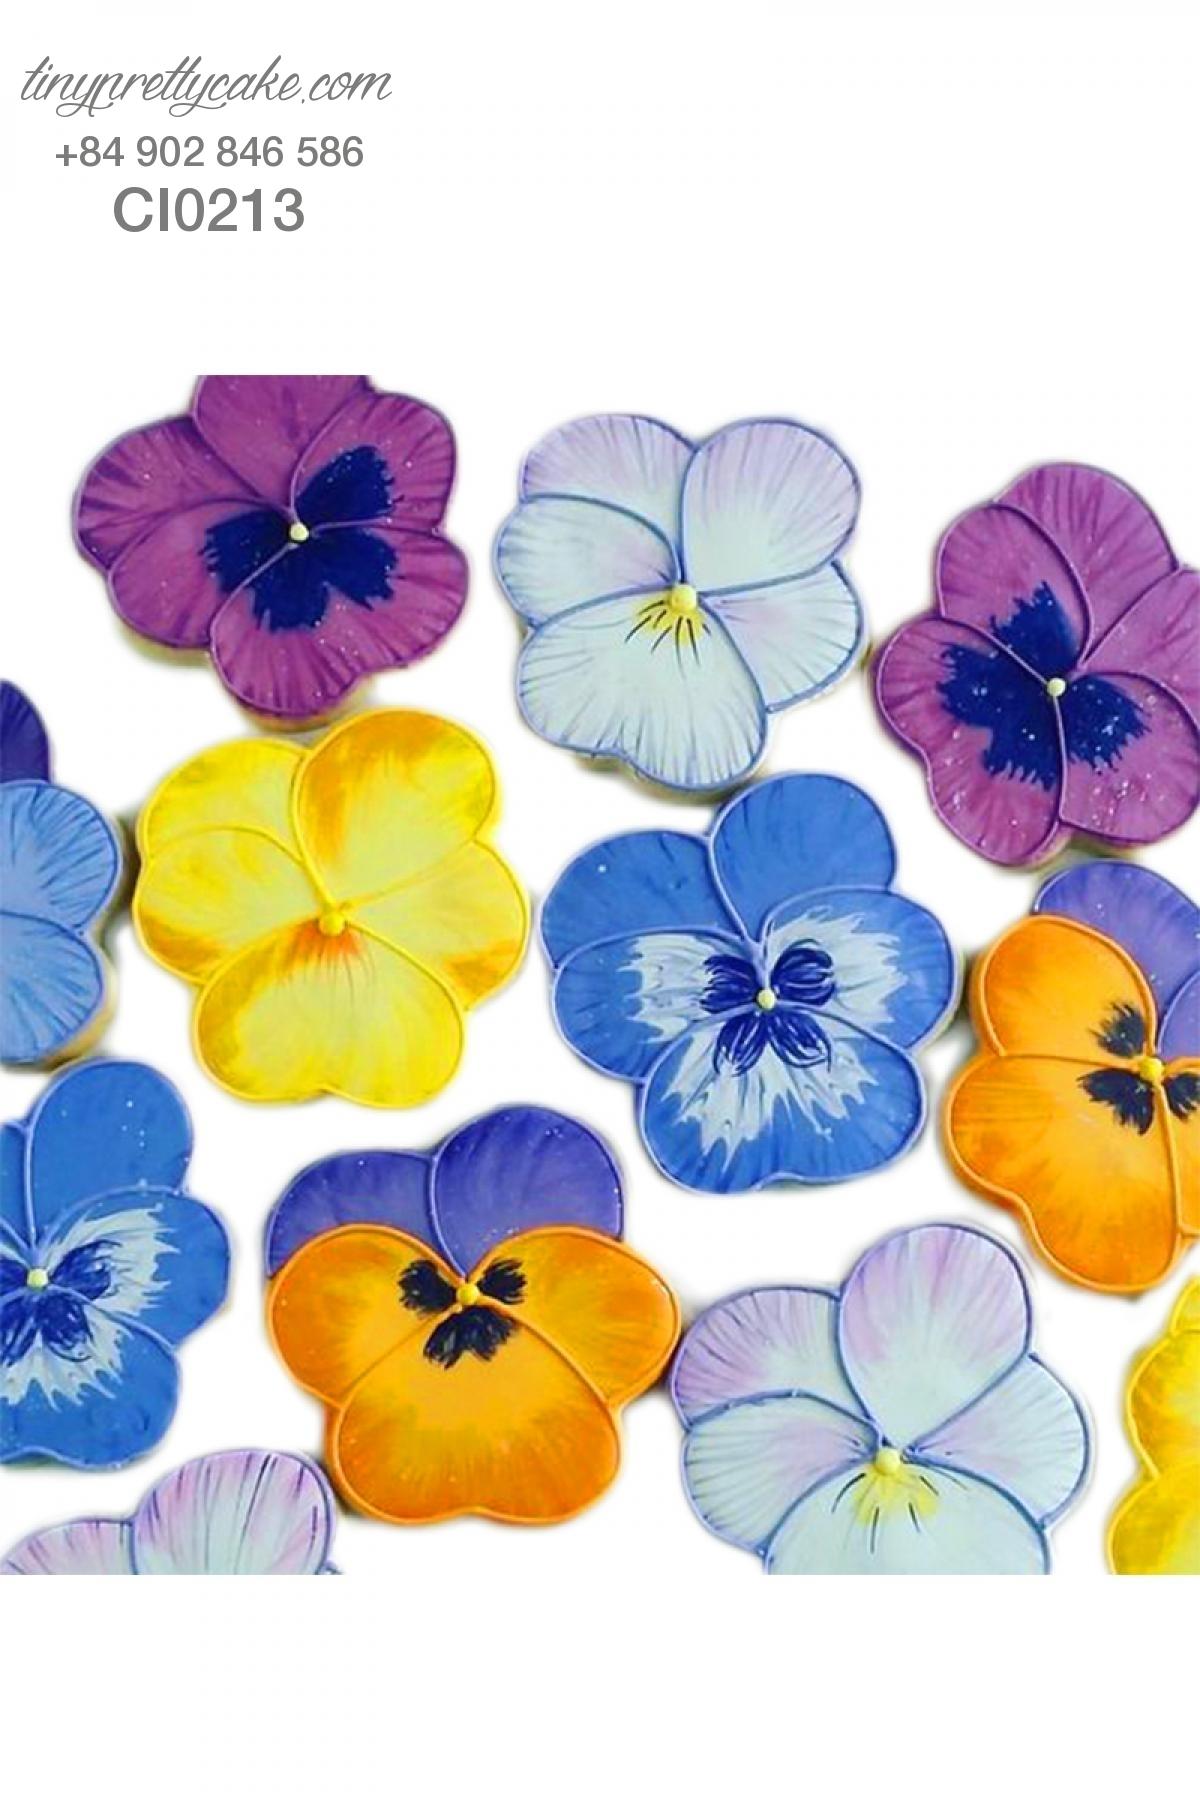 Cookie hoa nghệ thuật ĐỘC ĐÁO cho phụ nữ (CI0213)